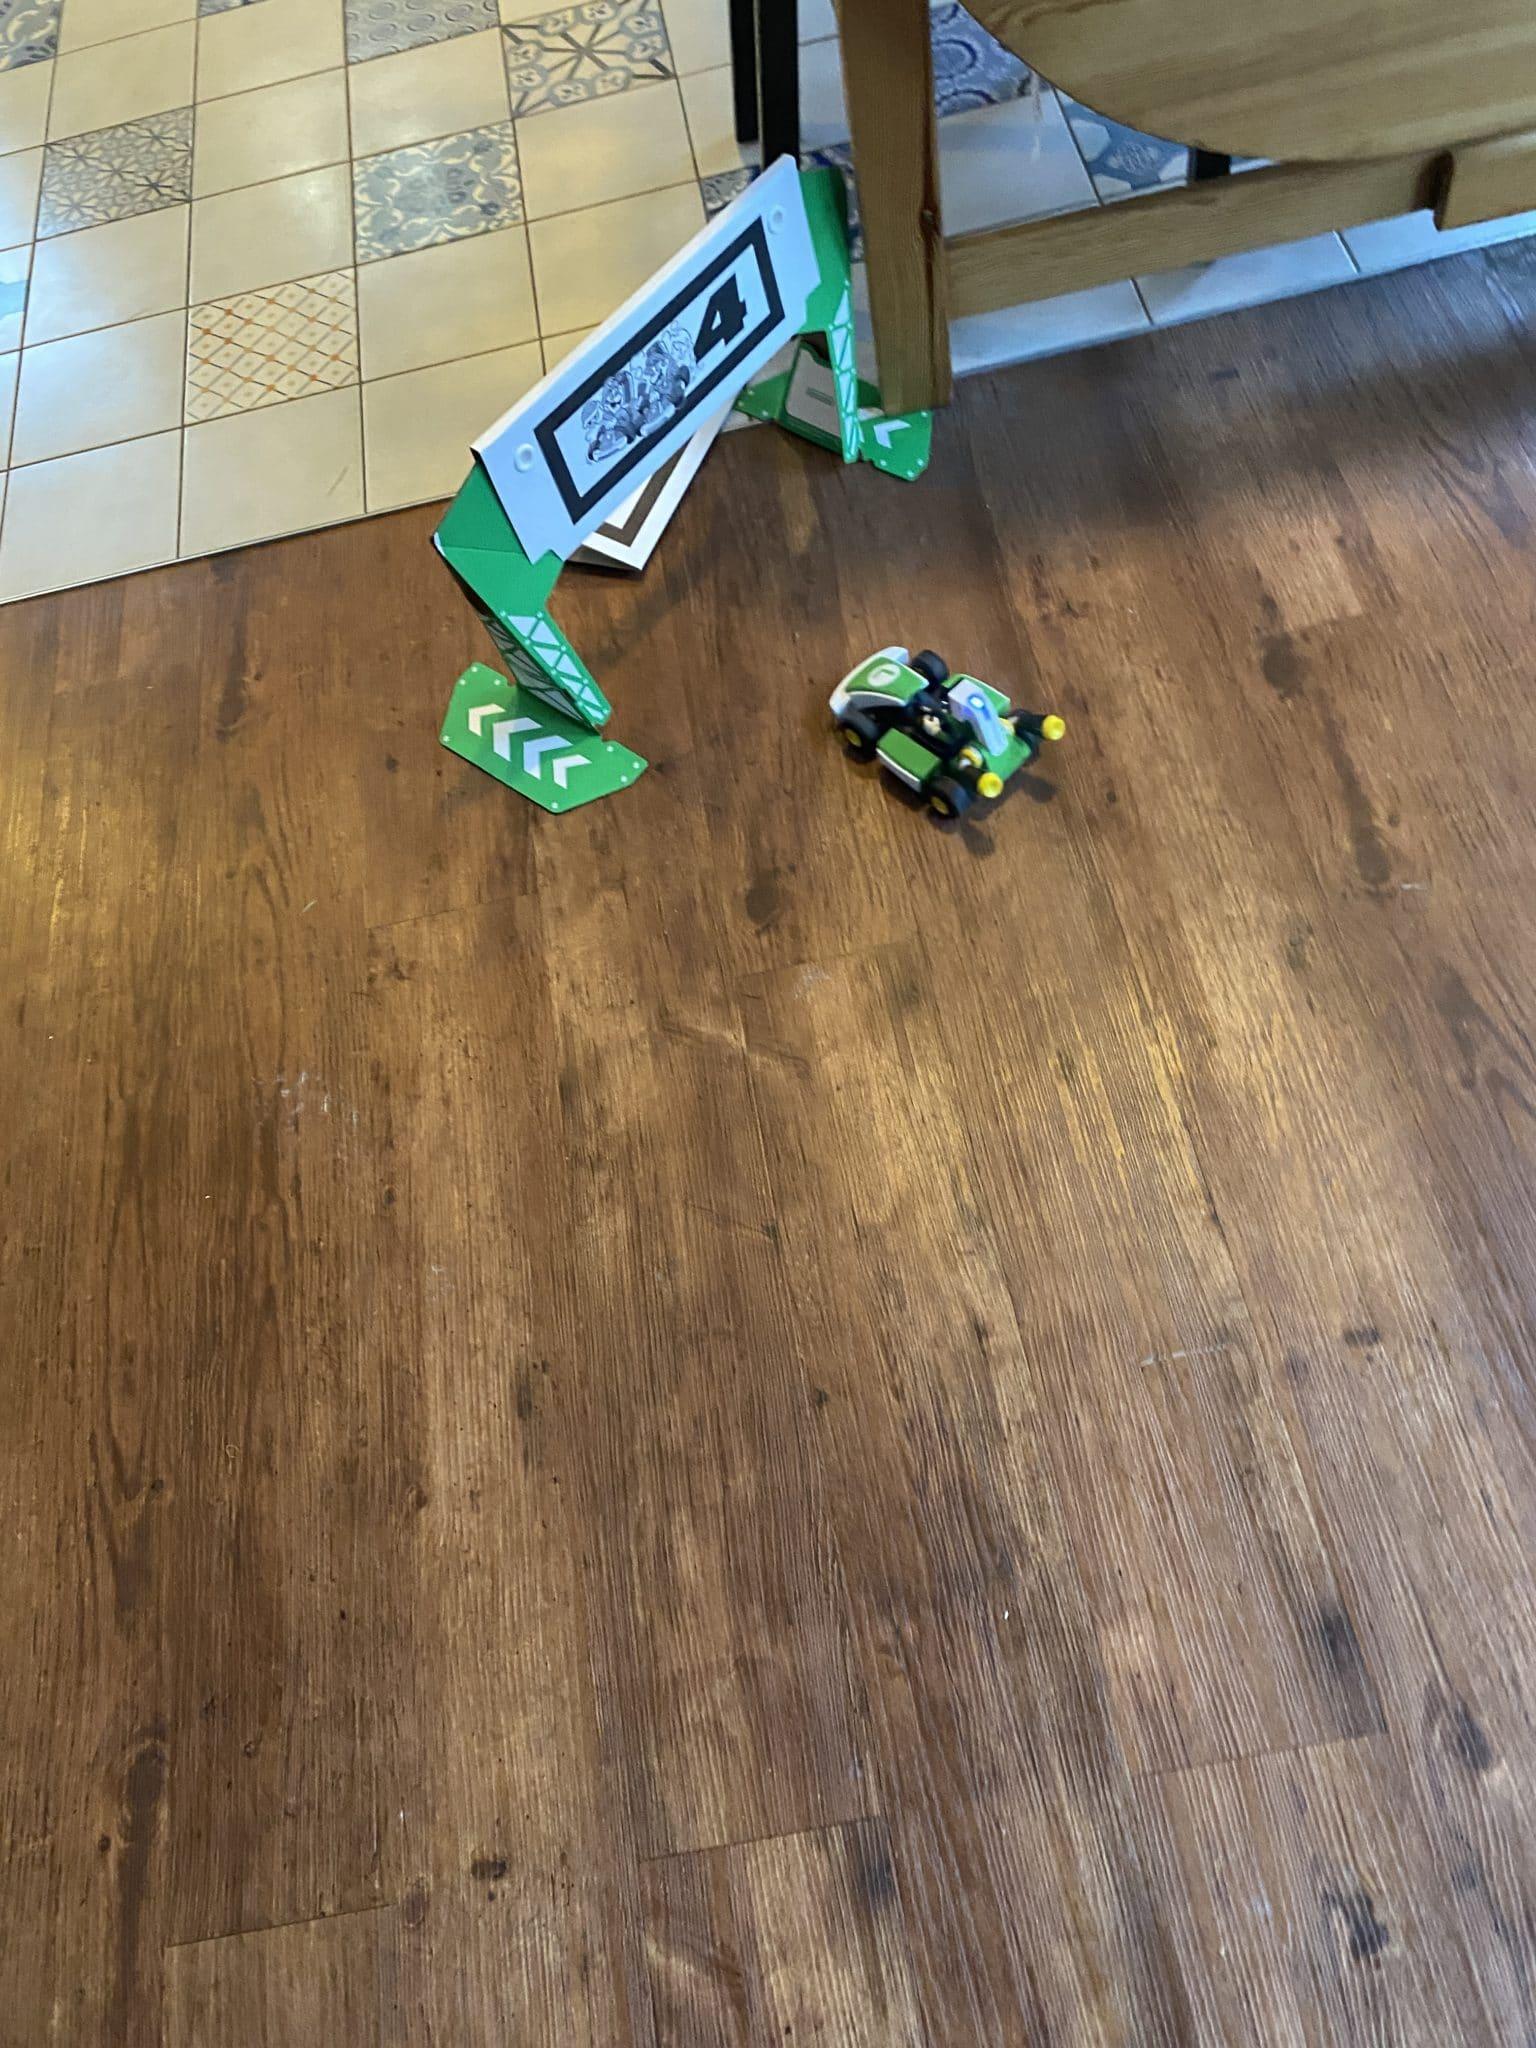 Bissel Mario Kart Live Home Circuit spielen.